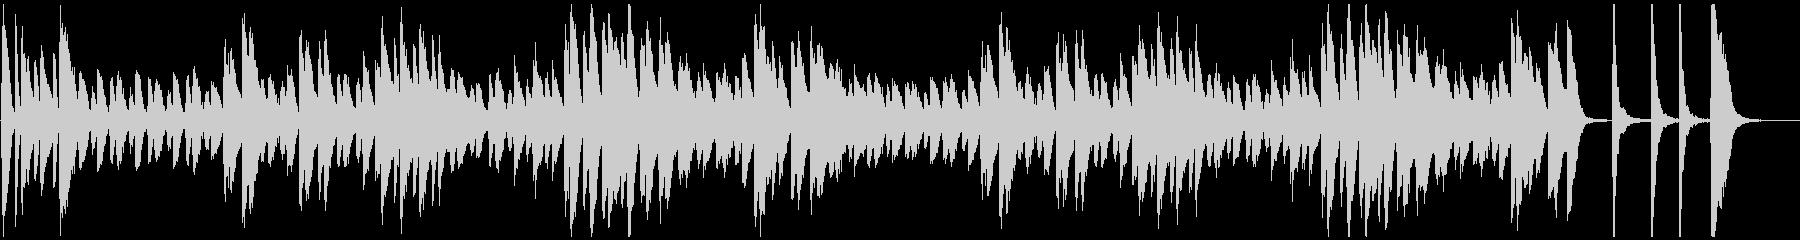 オヤジ臭い雰囲気のジャズ系ピアノソロ曲の未再生の波形